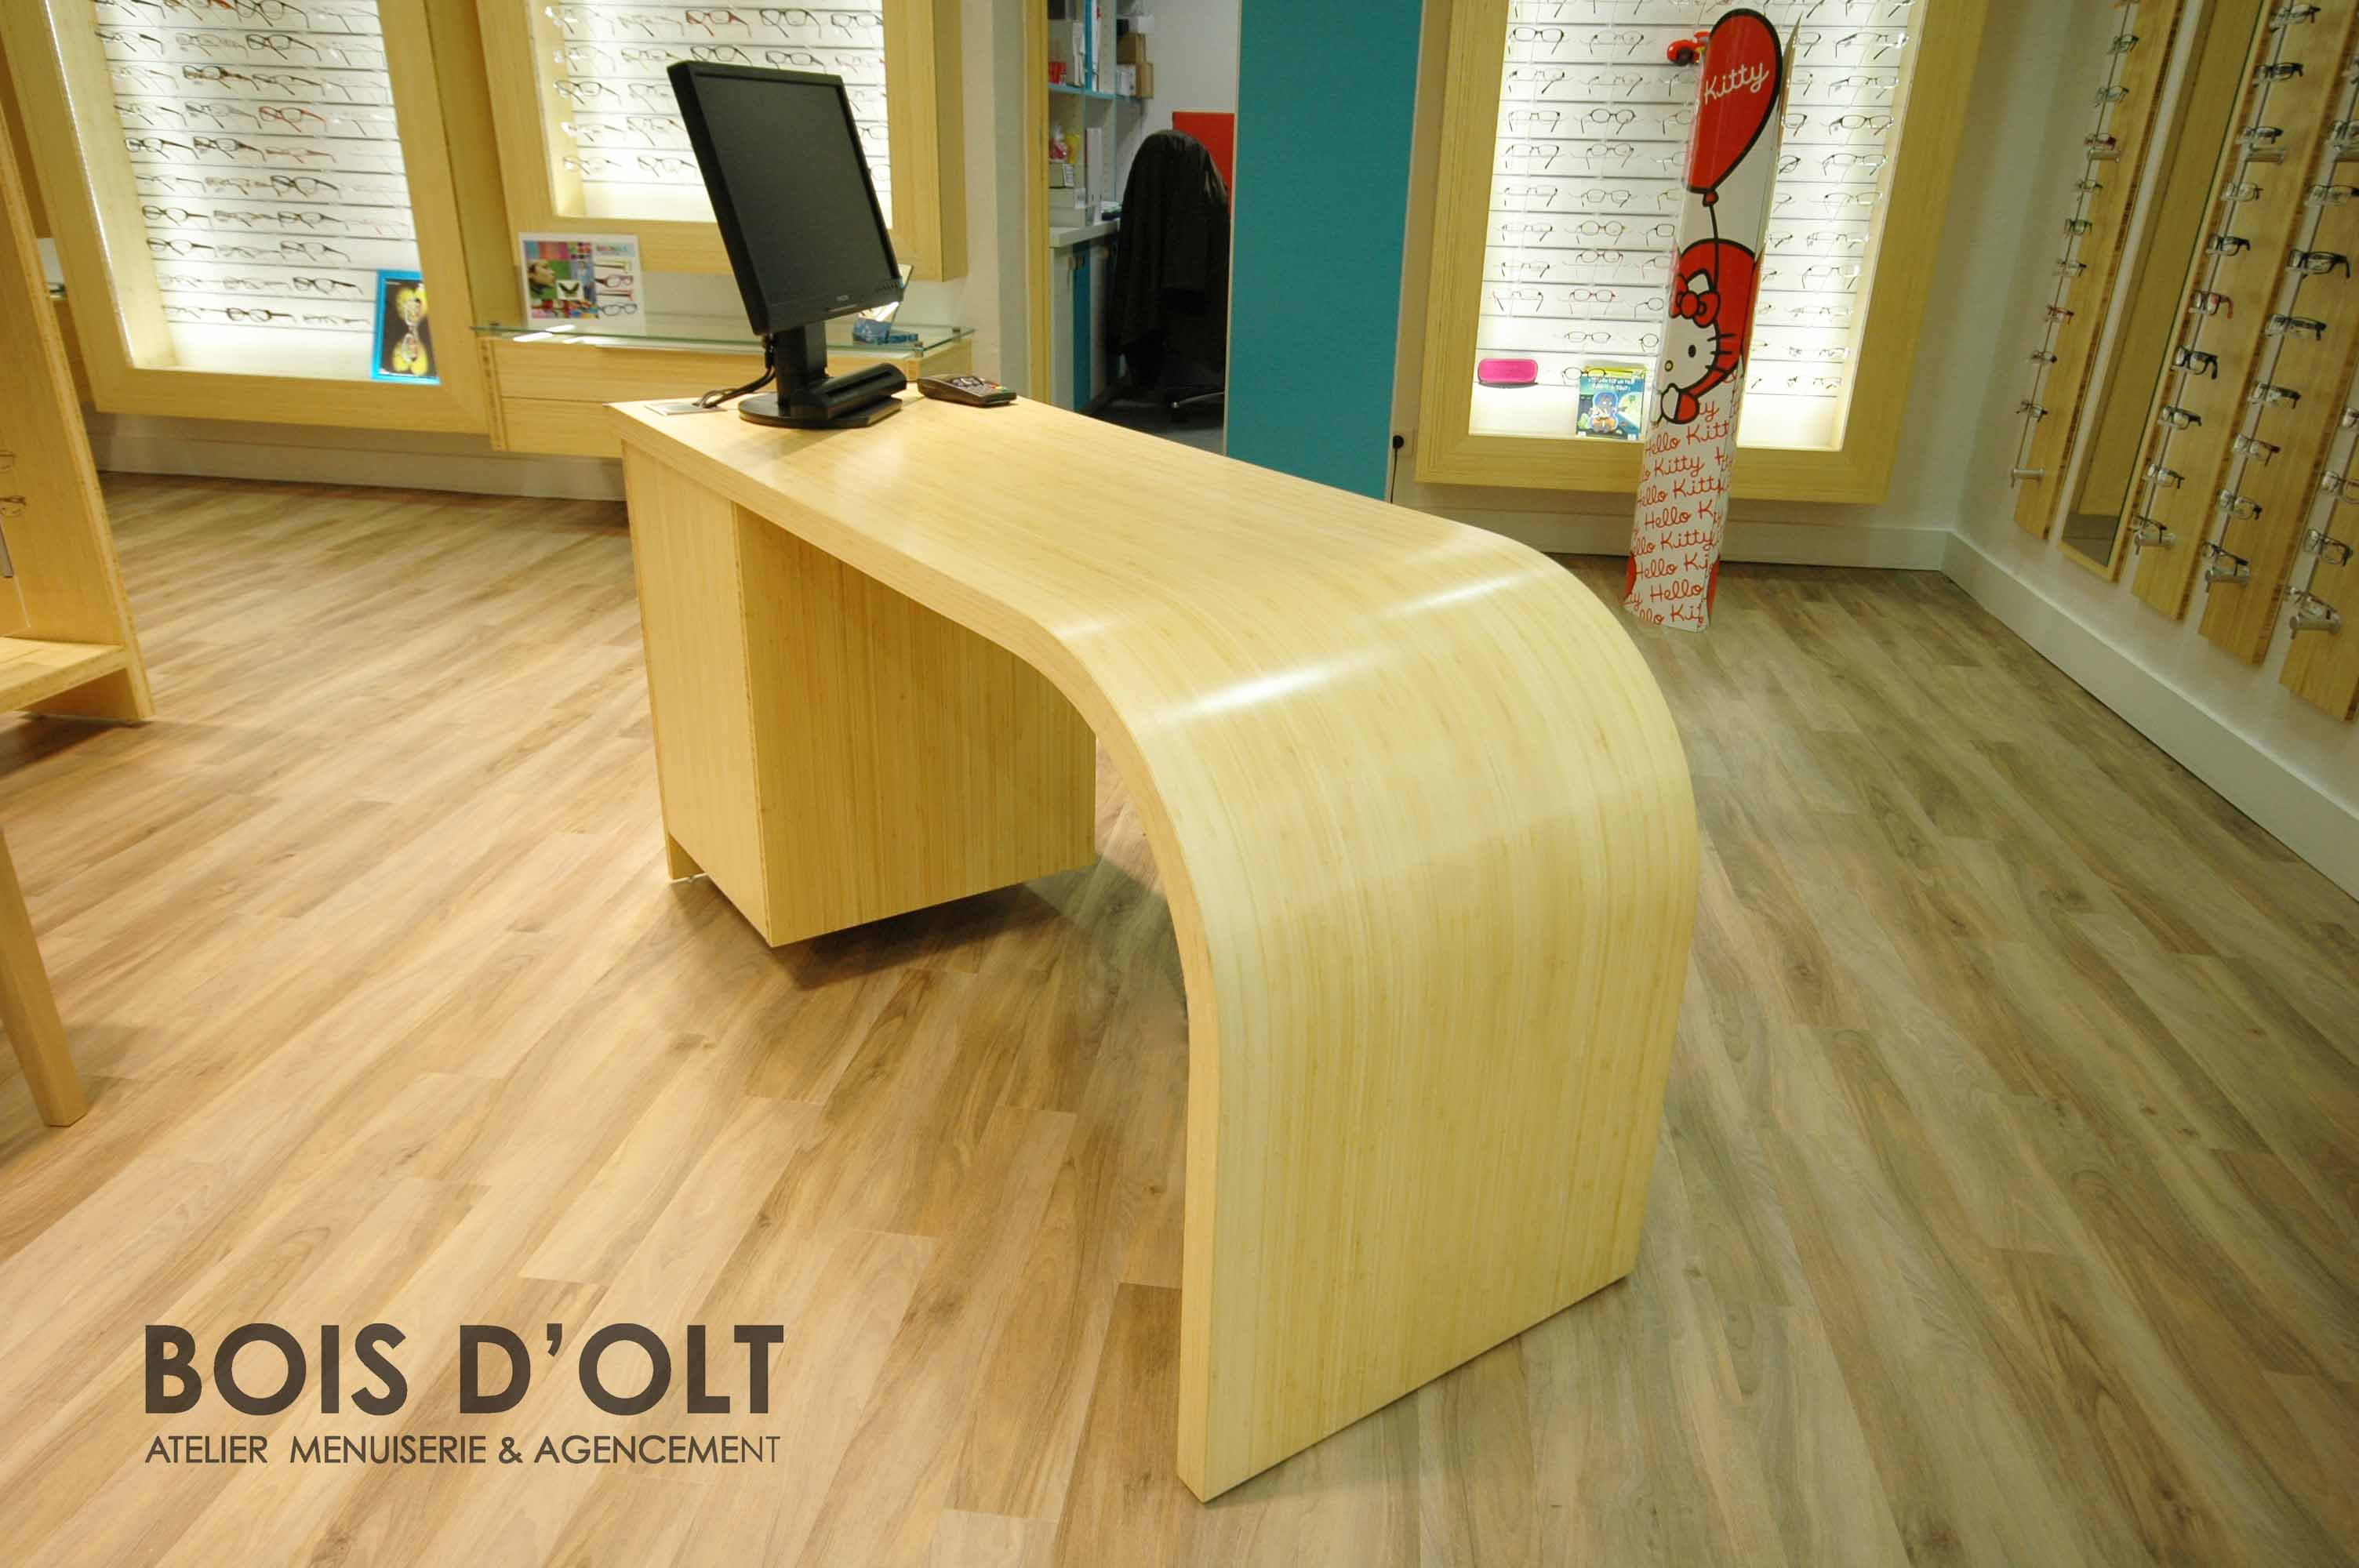 Verkauf Tabelle aus Bambus-Furnier.